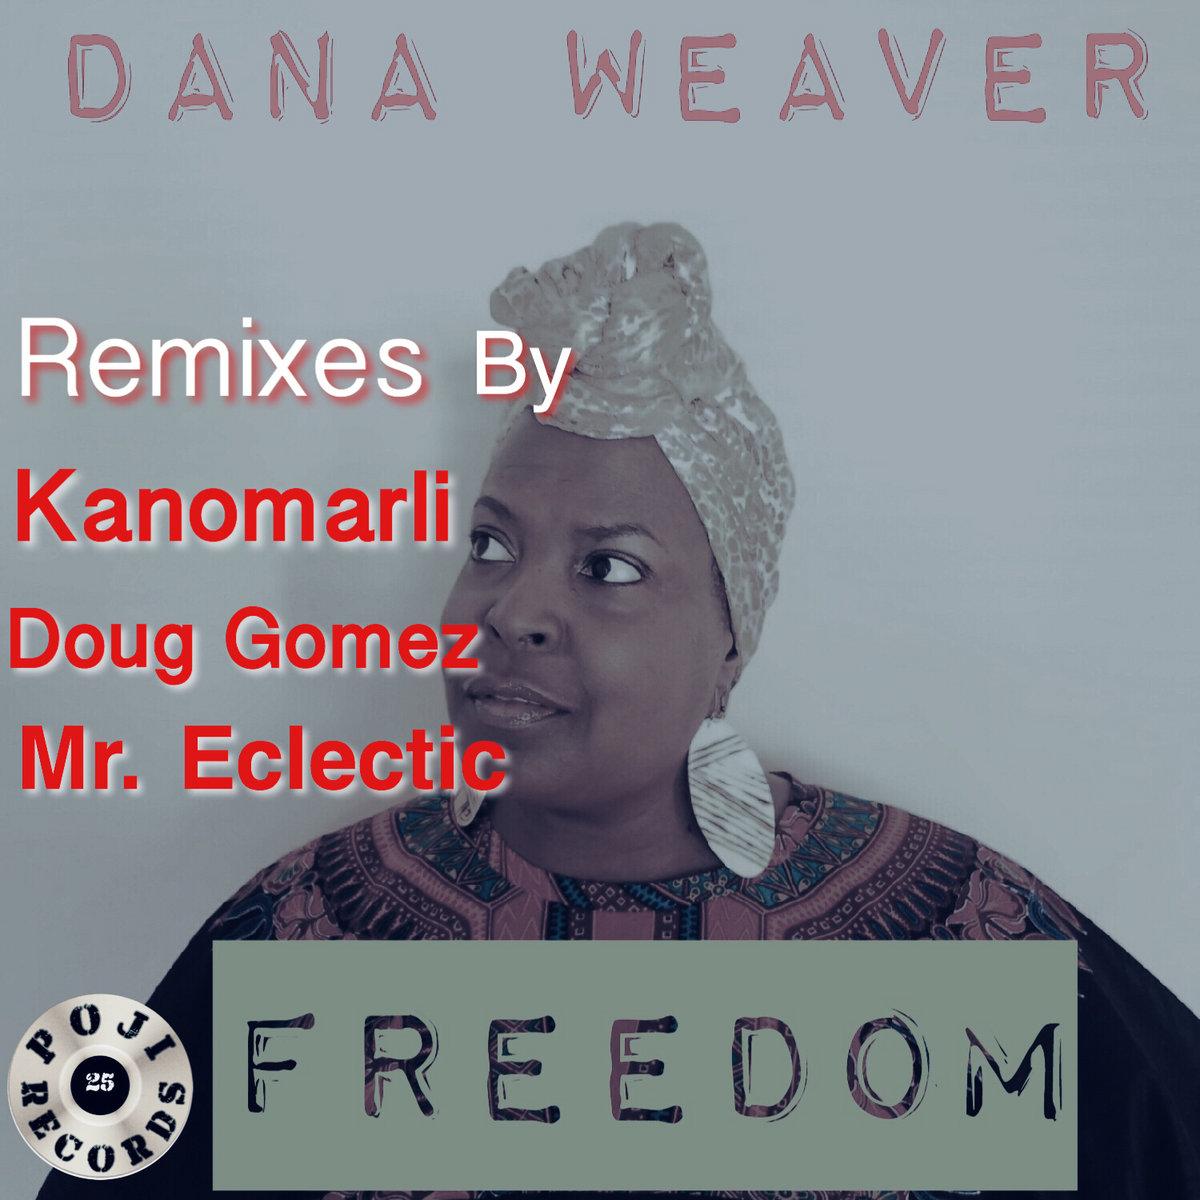 Dana Weaver Freedom (Complete Project) | Poji Records